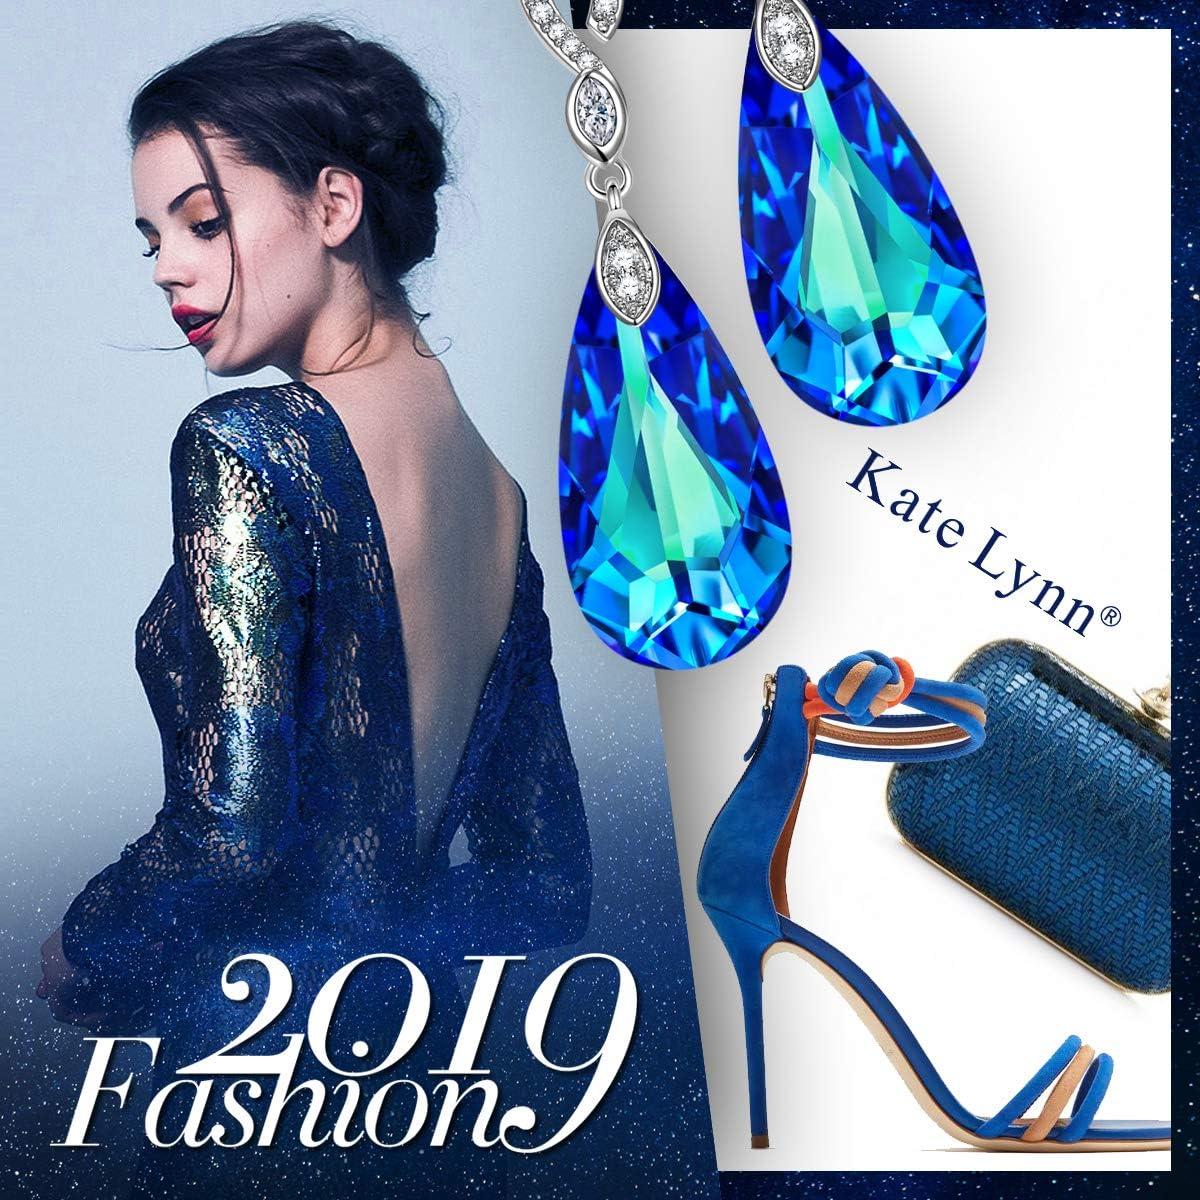 Kate Lynn Cadeau Fete des Meres Larmes de Sir/ène S/érie Bijoux M/étal Cuivre Bo/îte /à Bijoux El/égante Cristaux de Swarovski Design Original